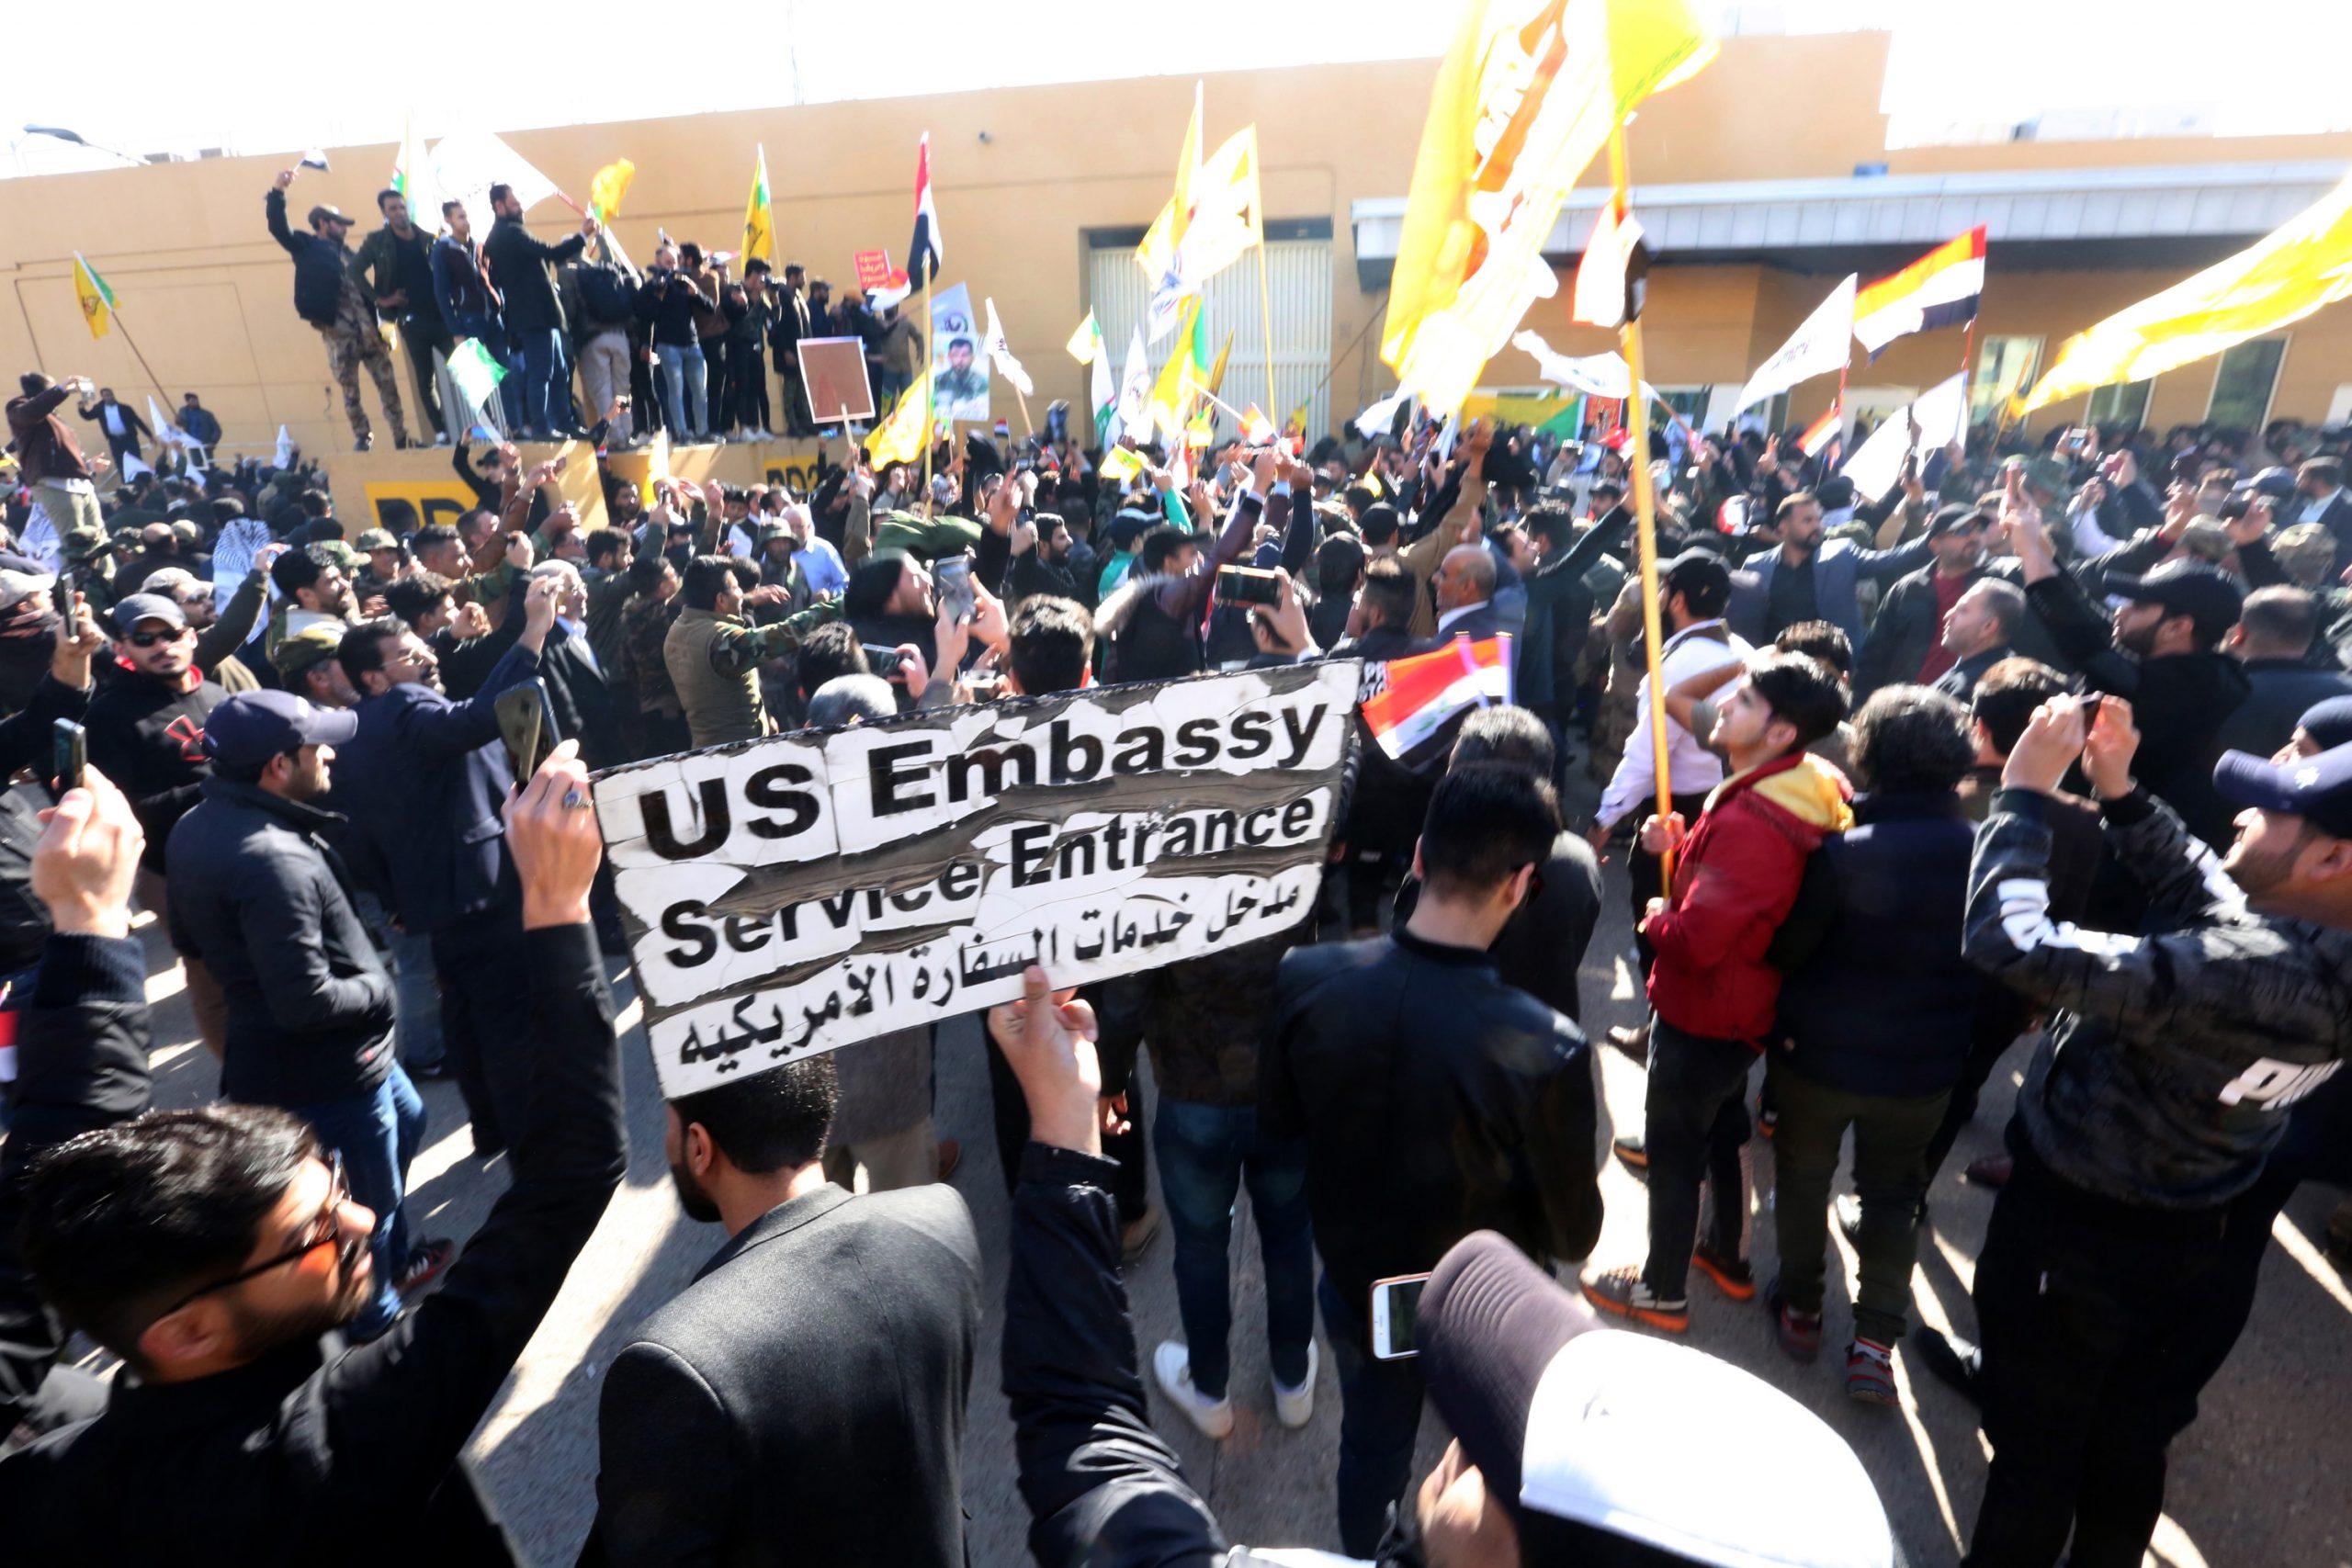 O rufar dos tambores de guerra Irano-Americanos